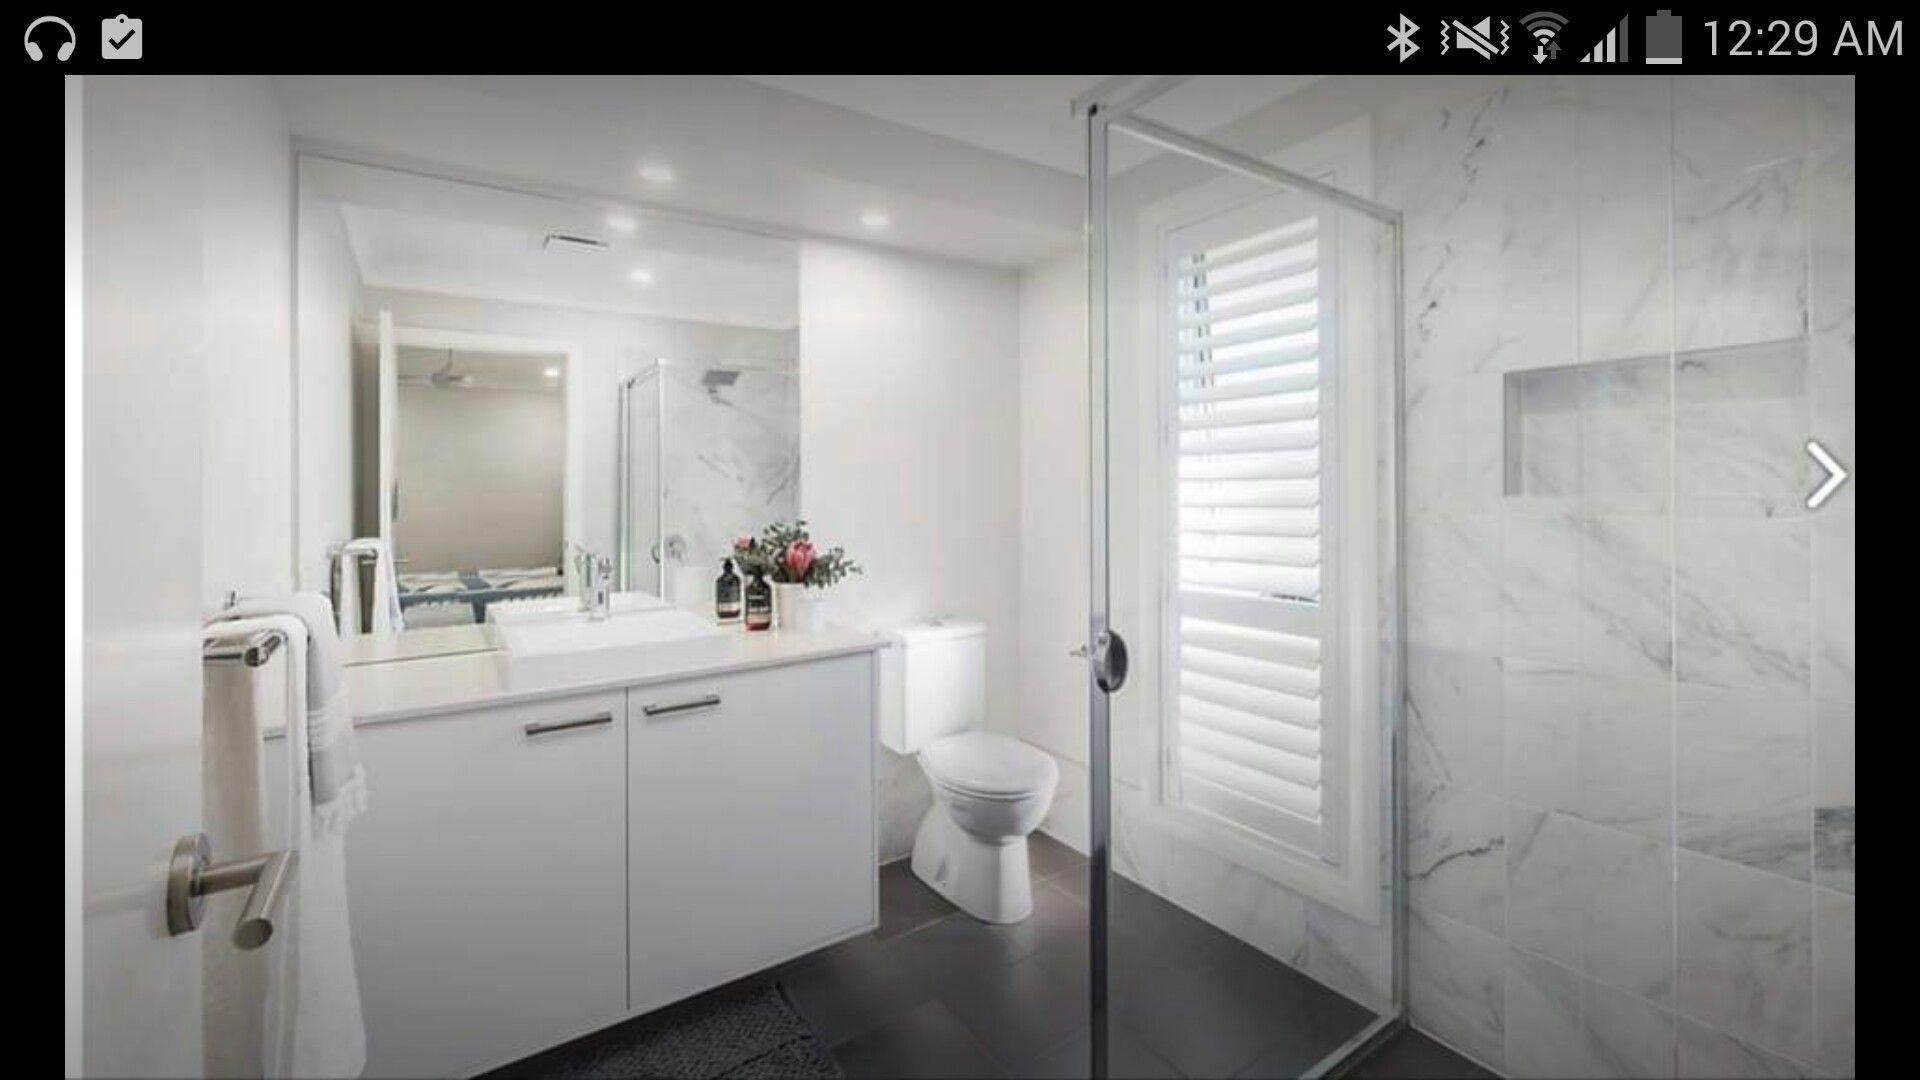 Bathroom interior hd pin by clifford fernandes on bathroom  pinterest